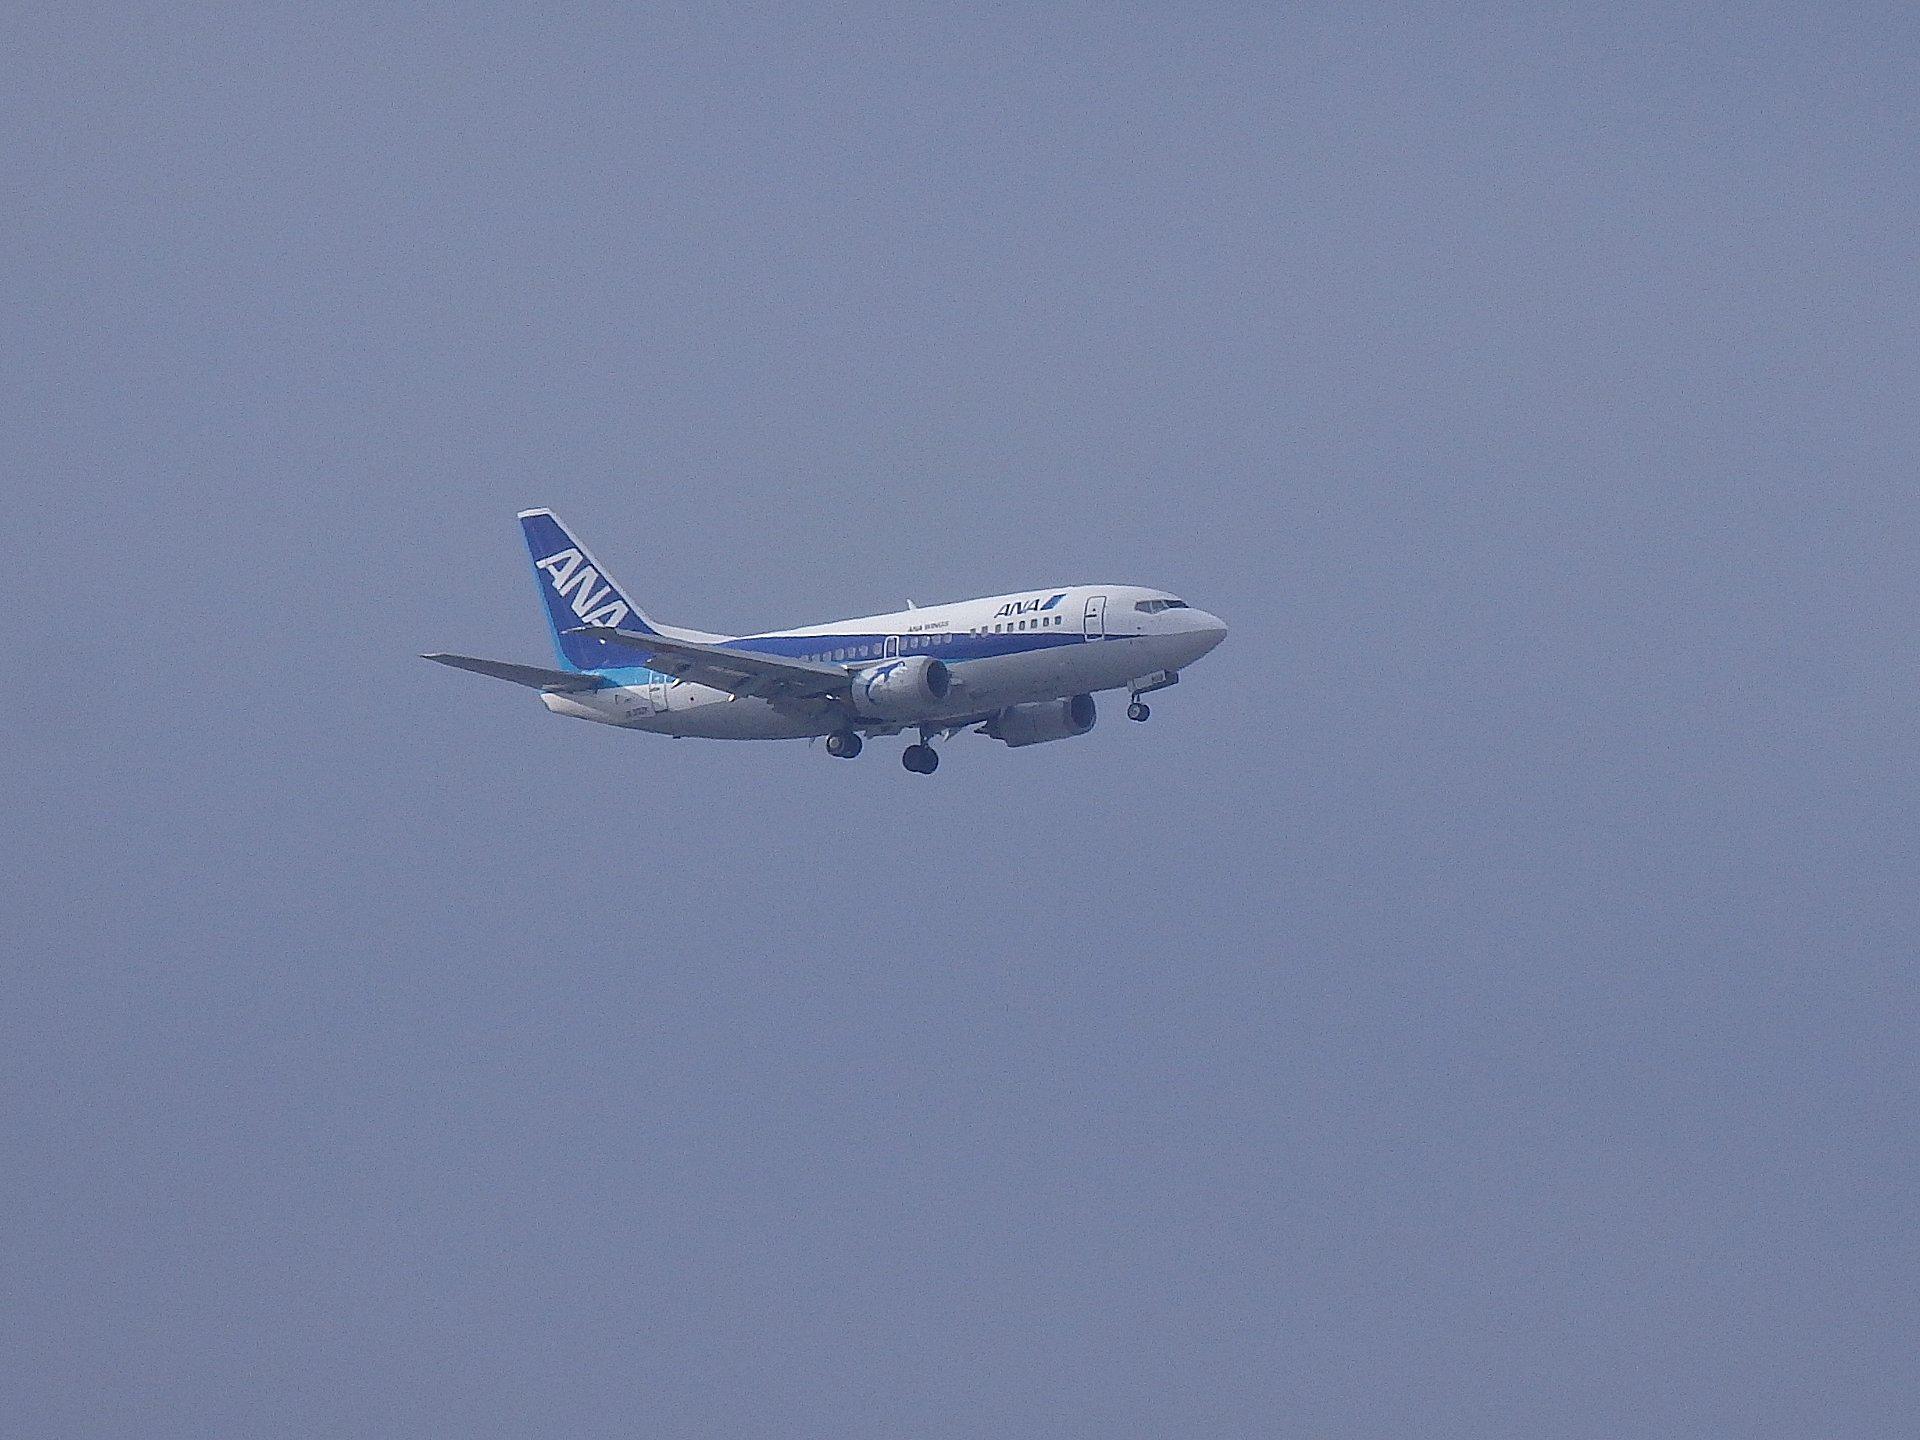 伊丹に着陸進入するB737−500です。